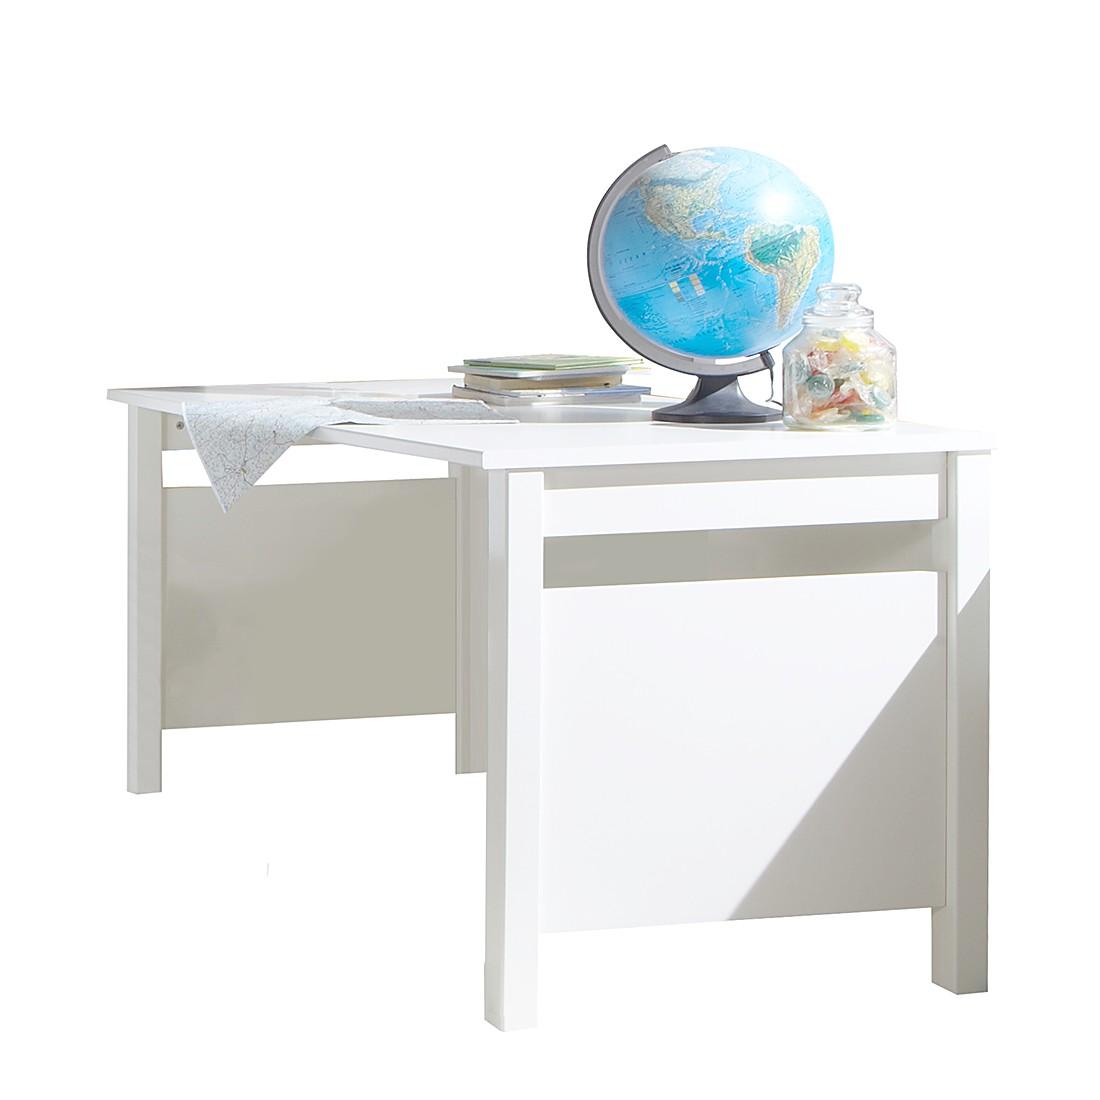 Schreibtisch Bibi - Alpinweiß/Apfelgrün - Ohne Container, Wimex